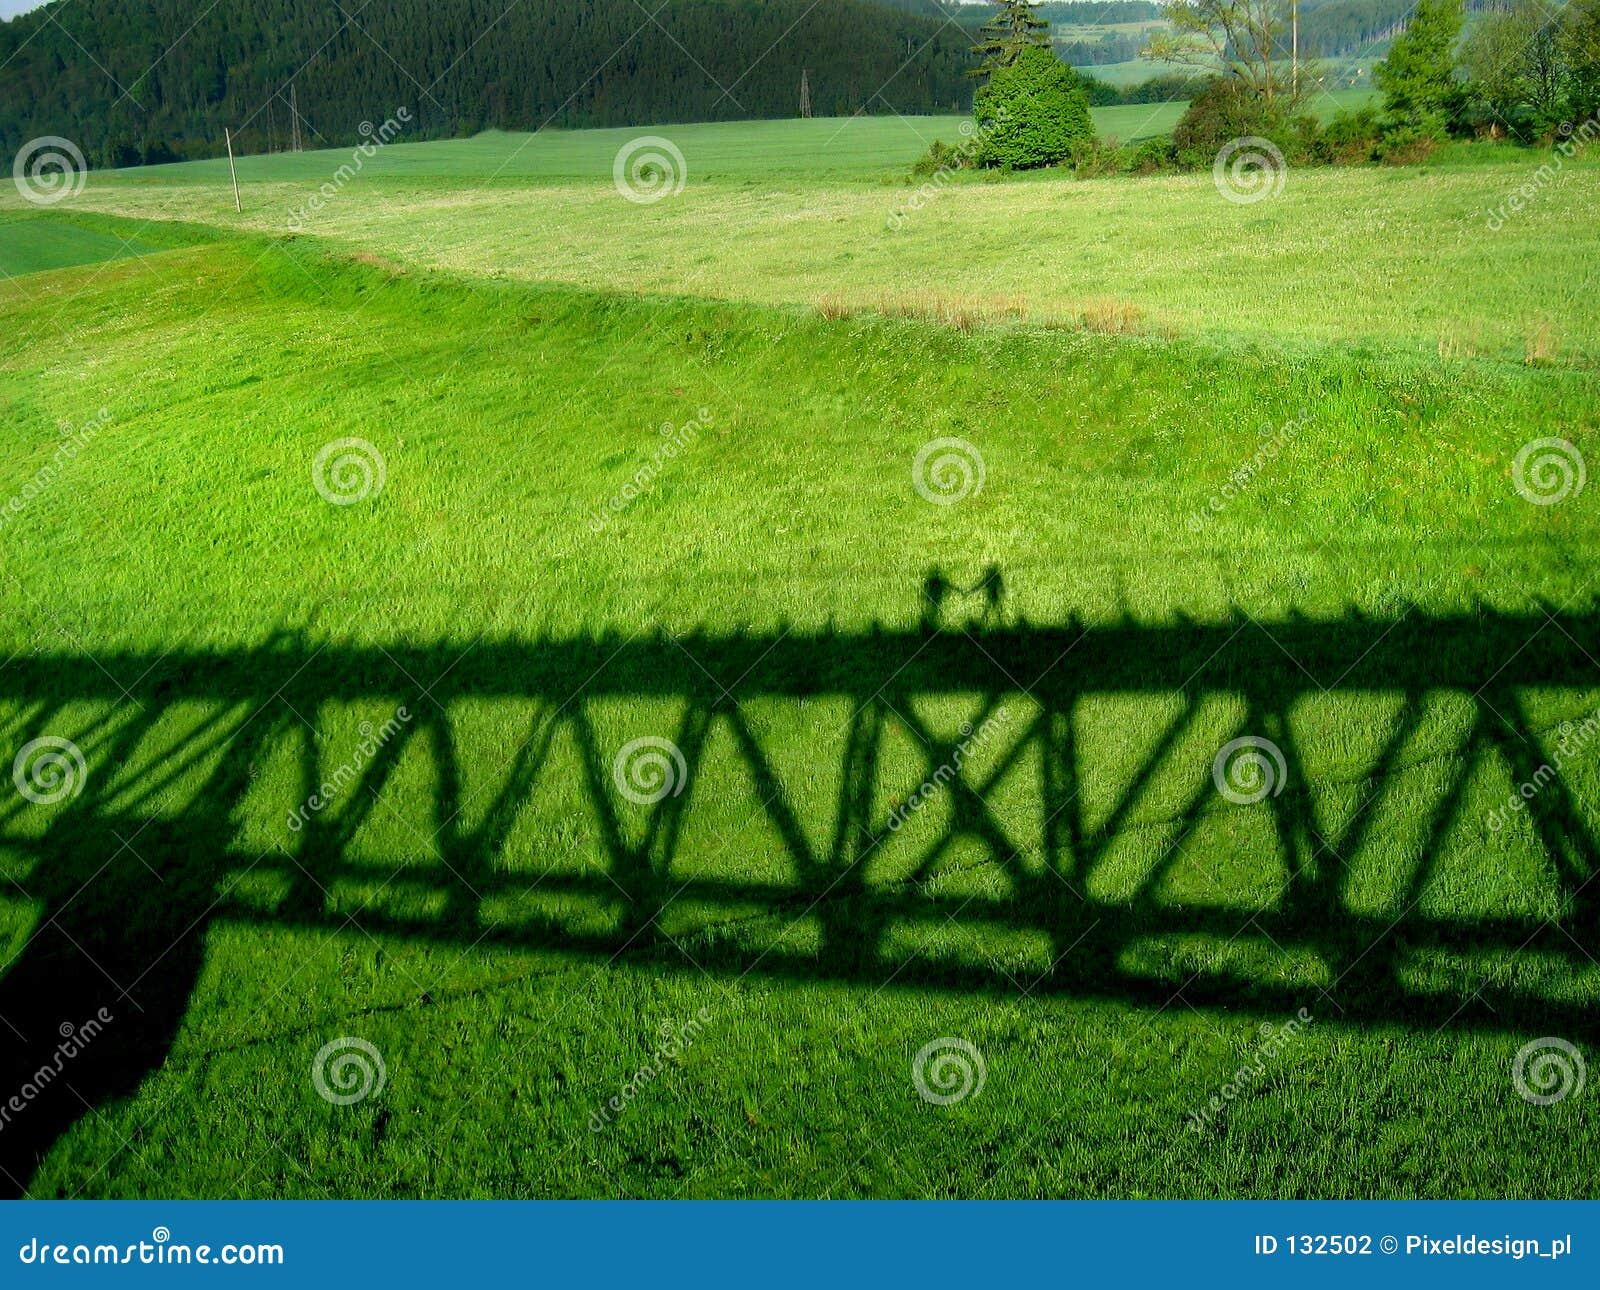 Most postępowania pojednawczego